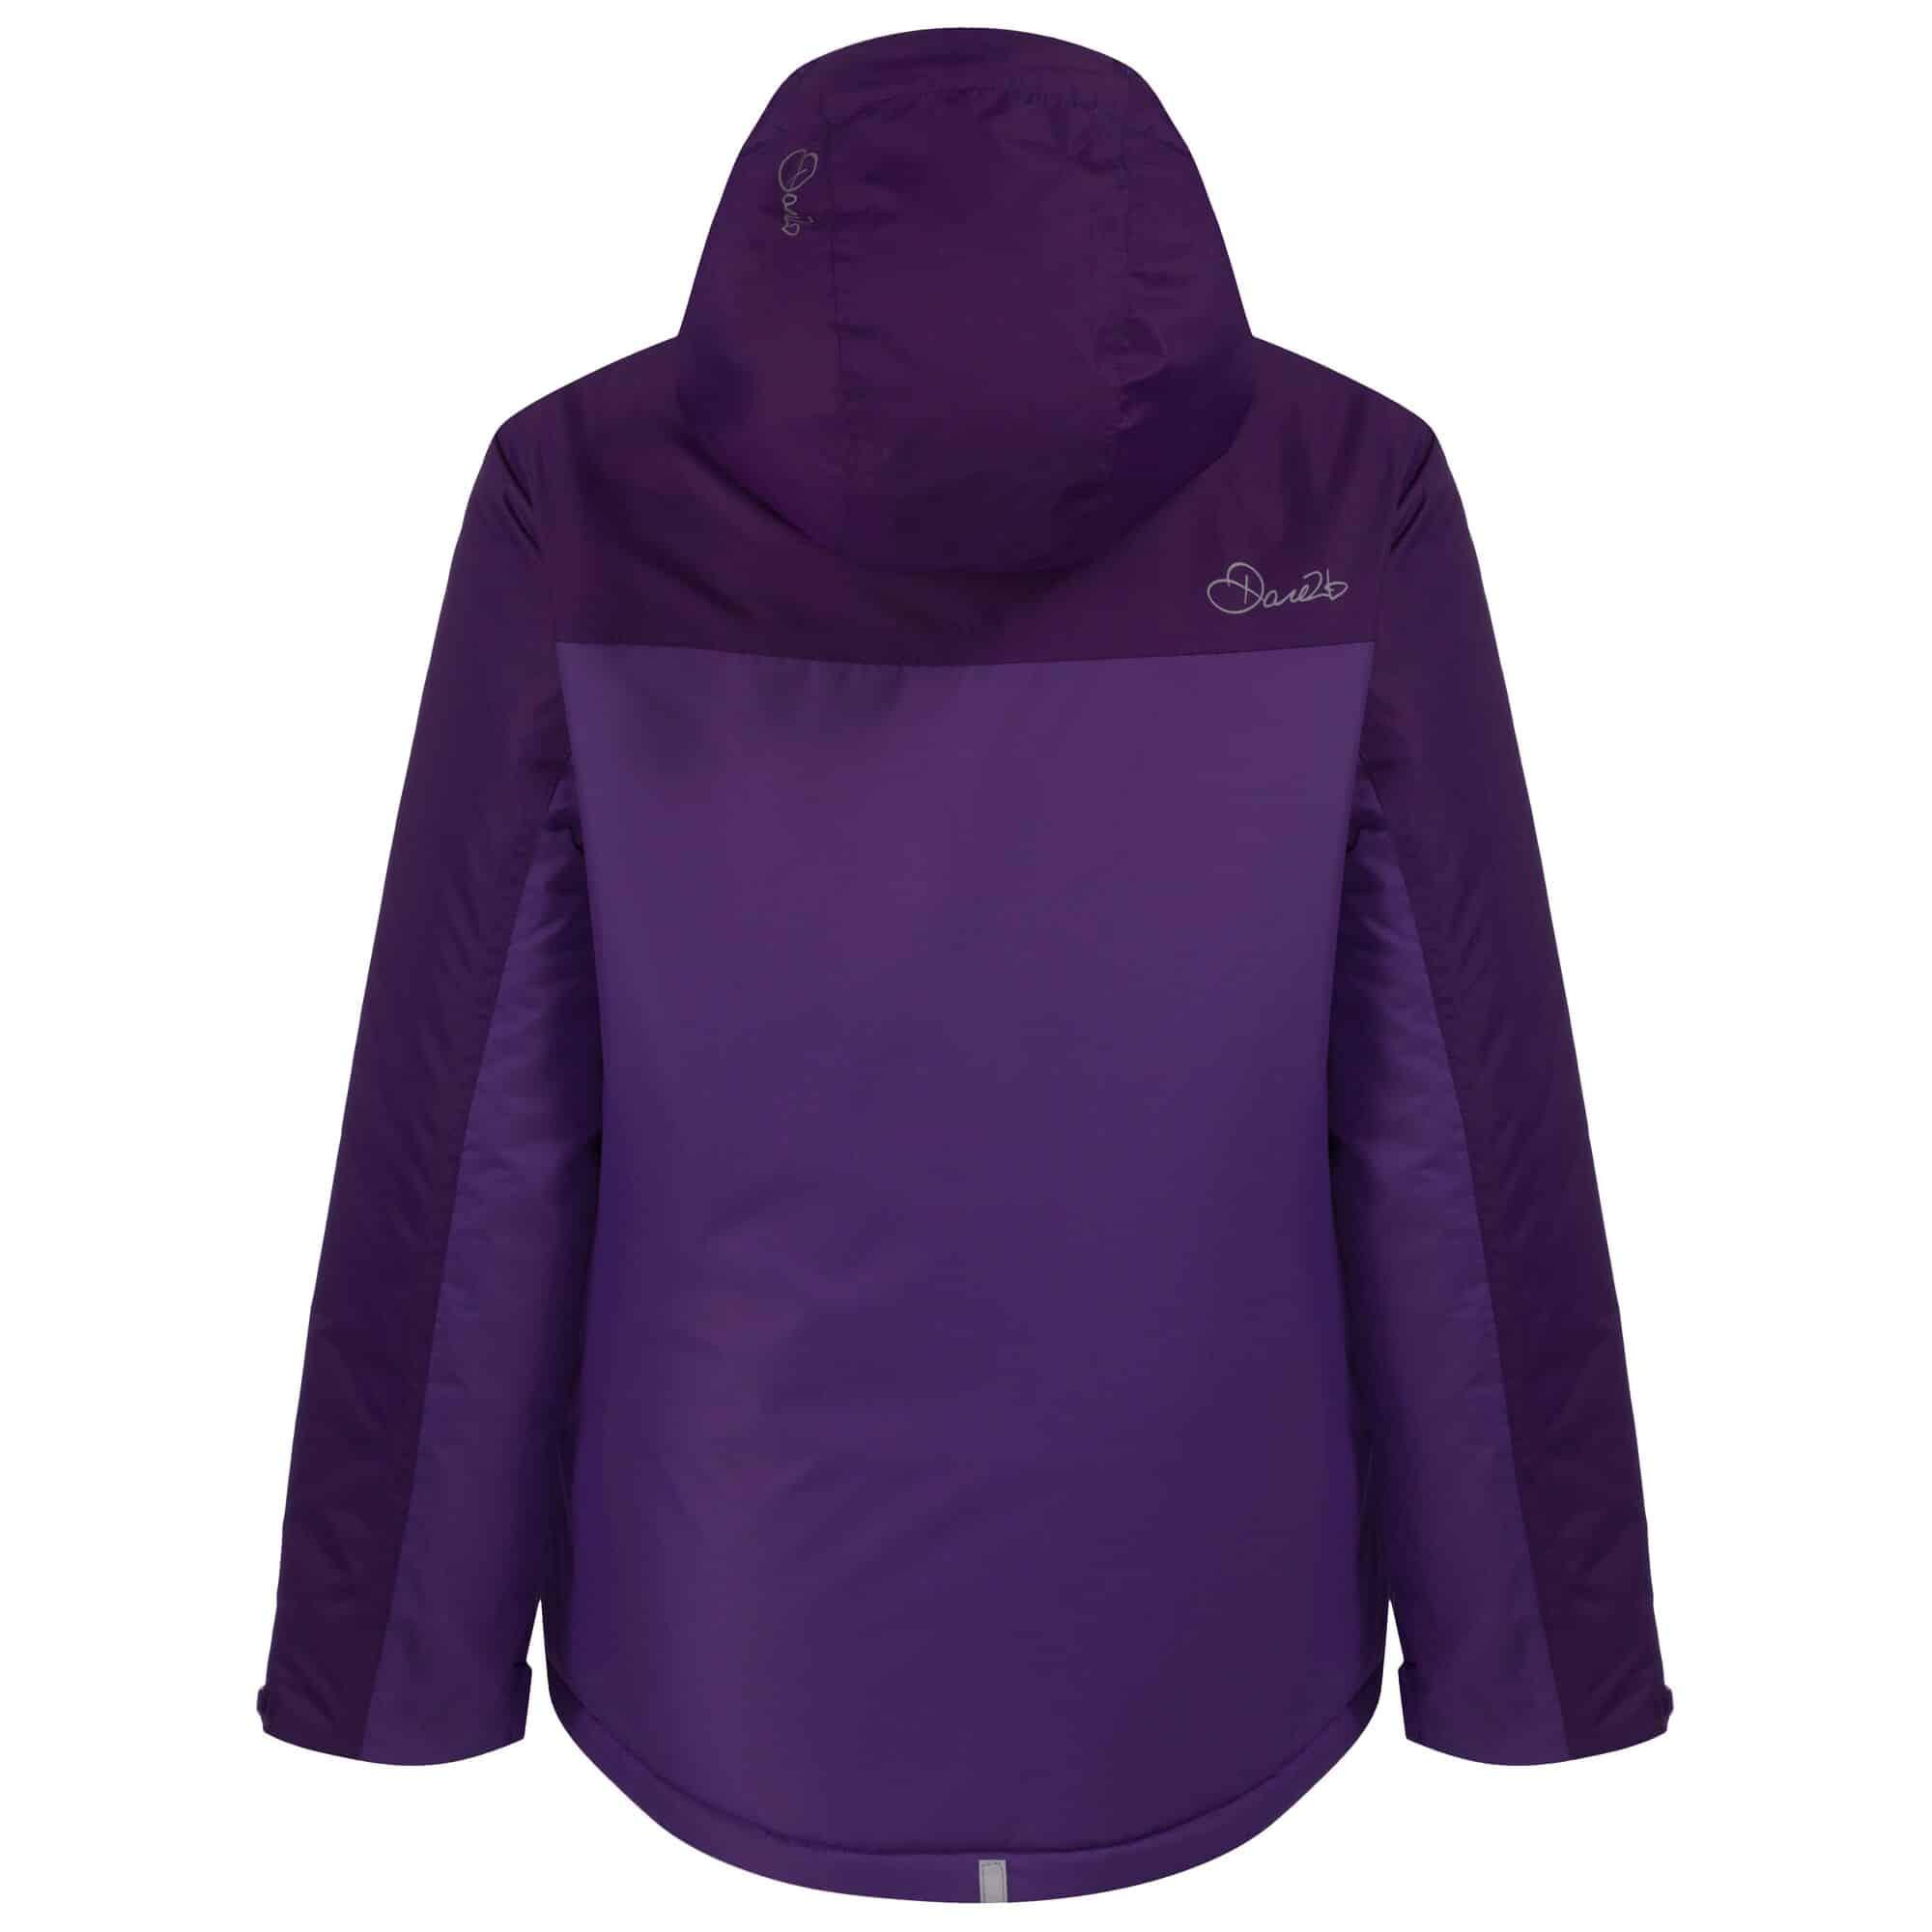 declared purple rear